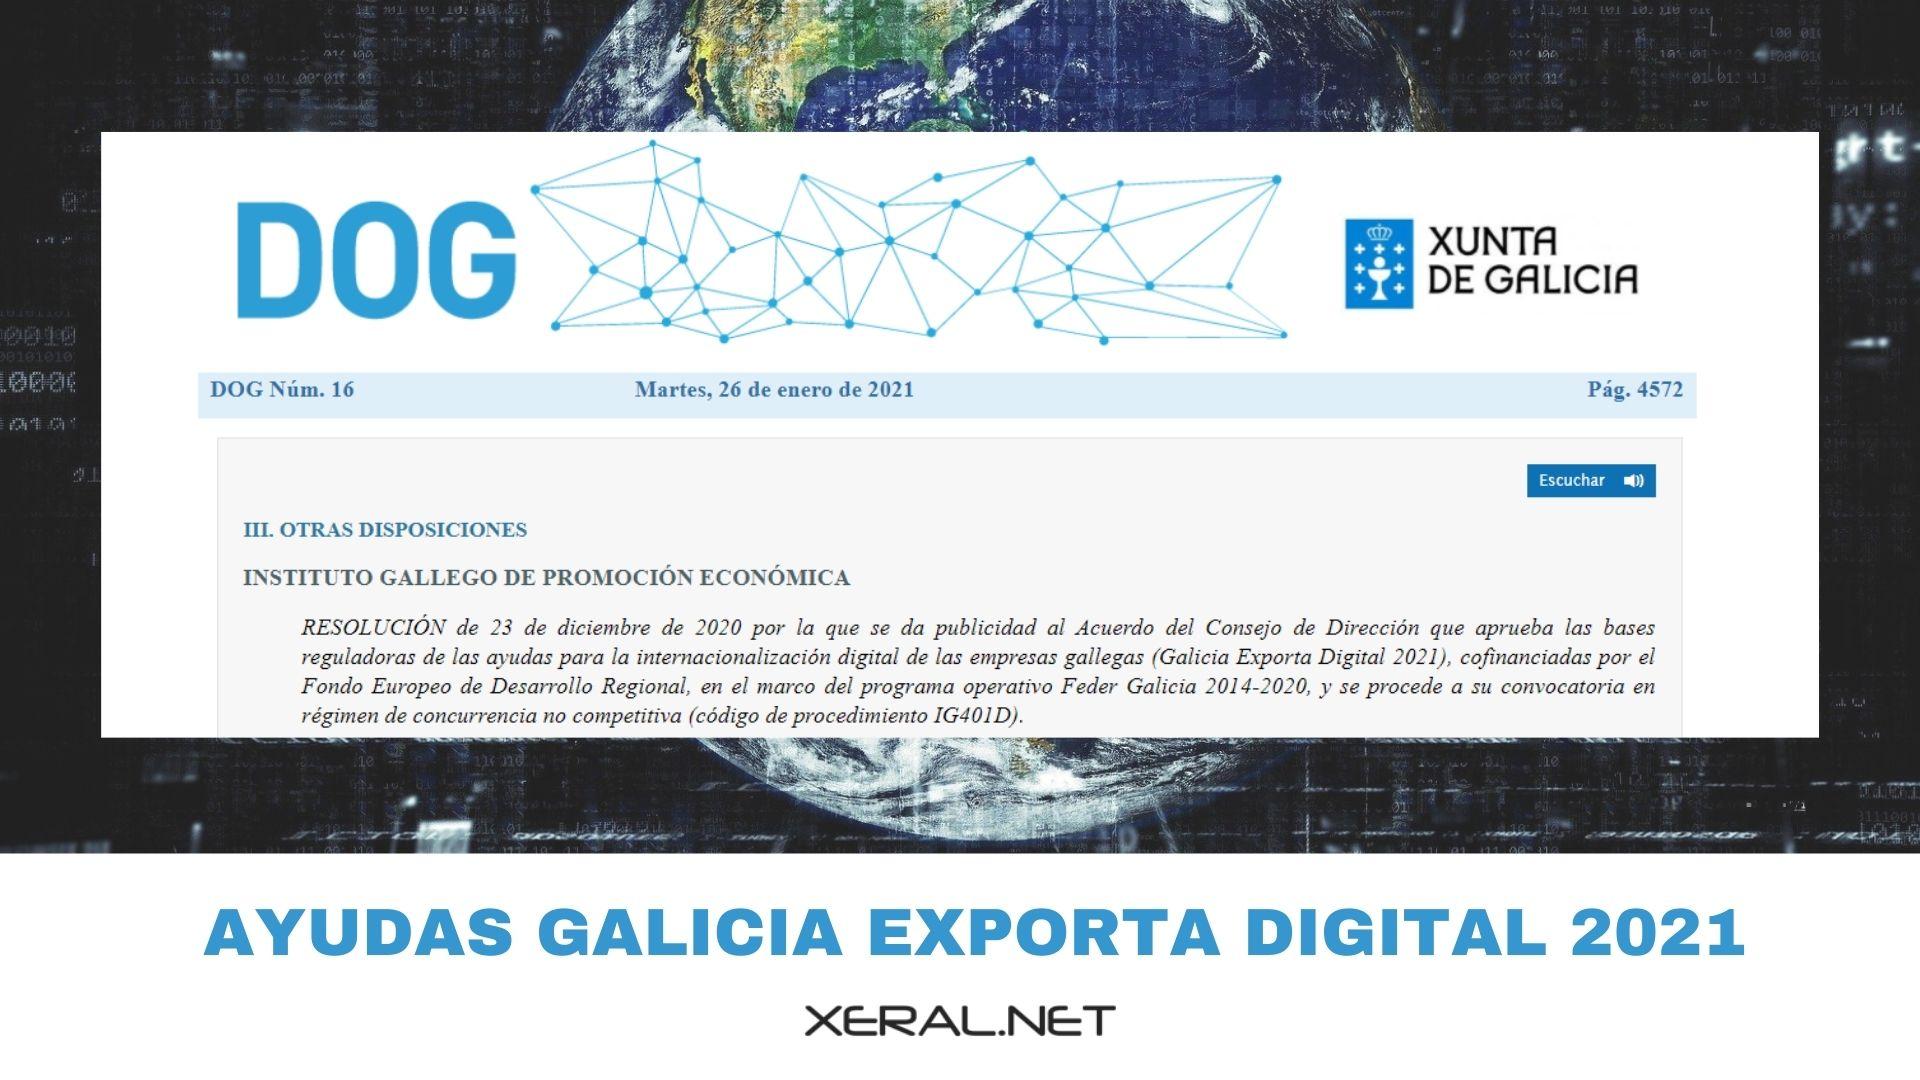 ayudas-galicia-exporta-digital-2021